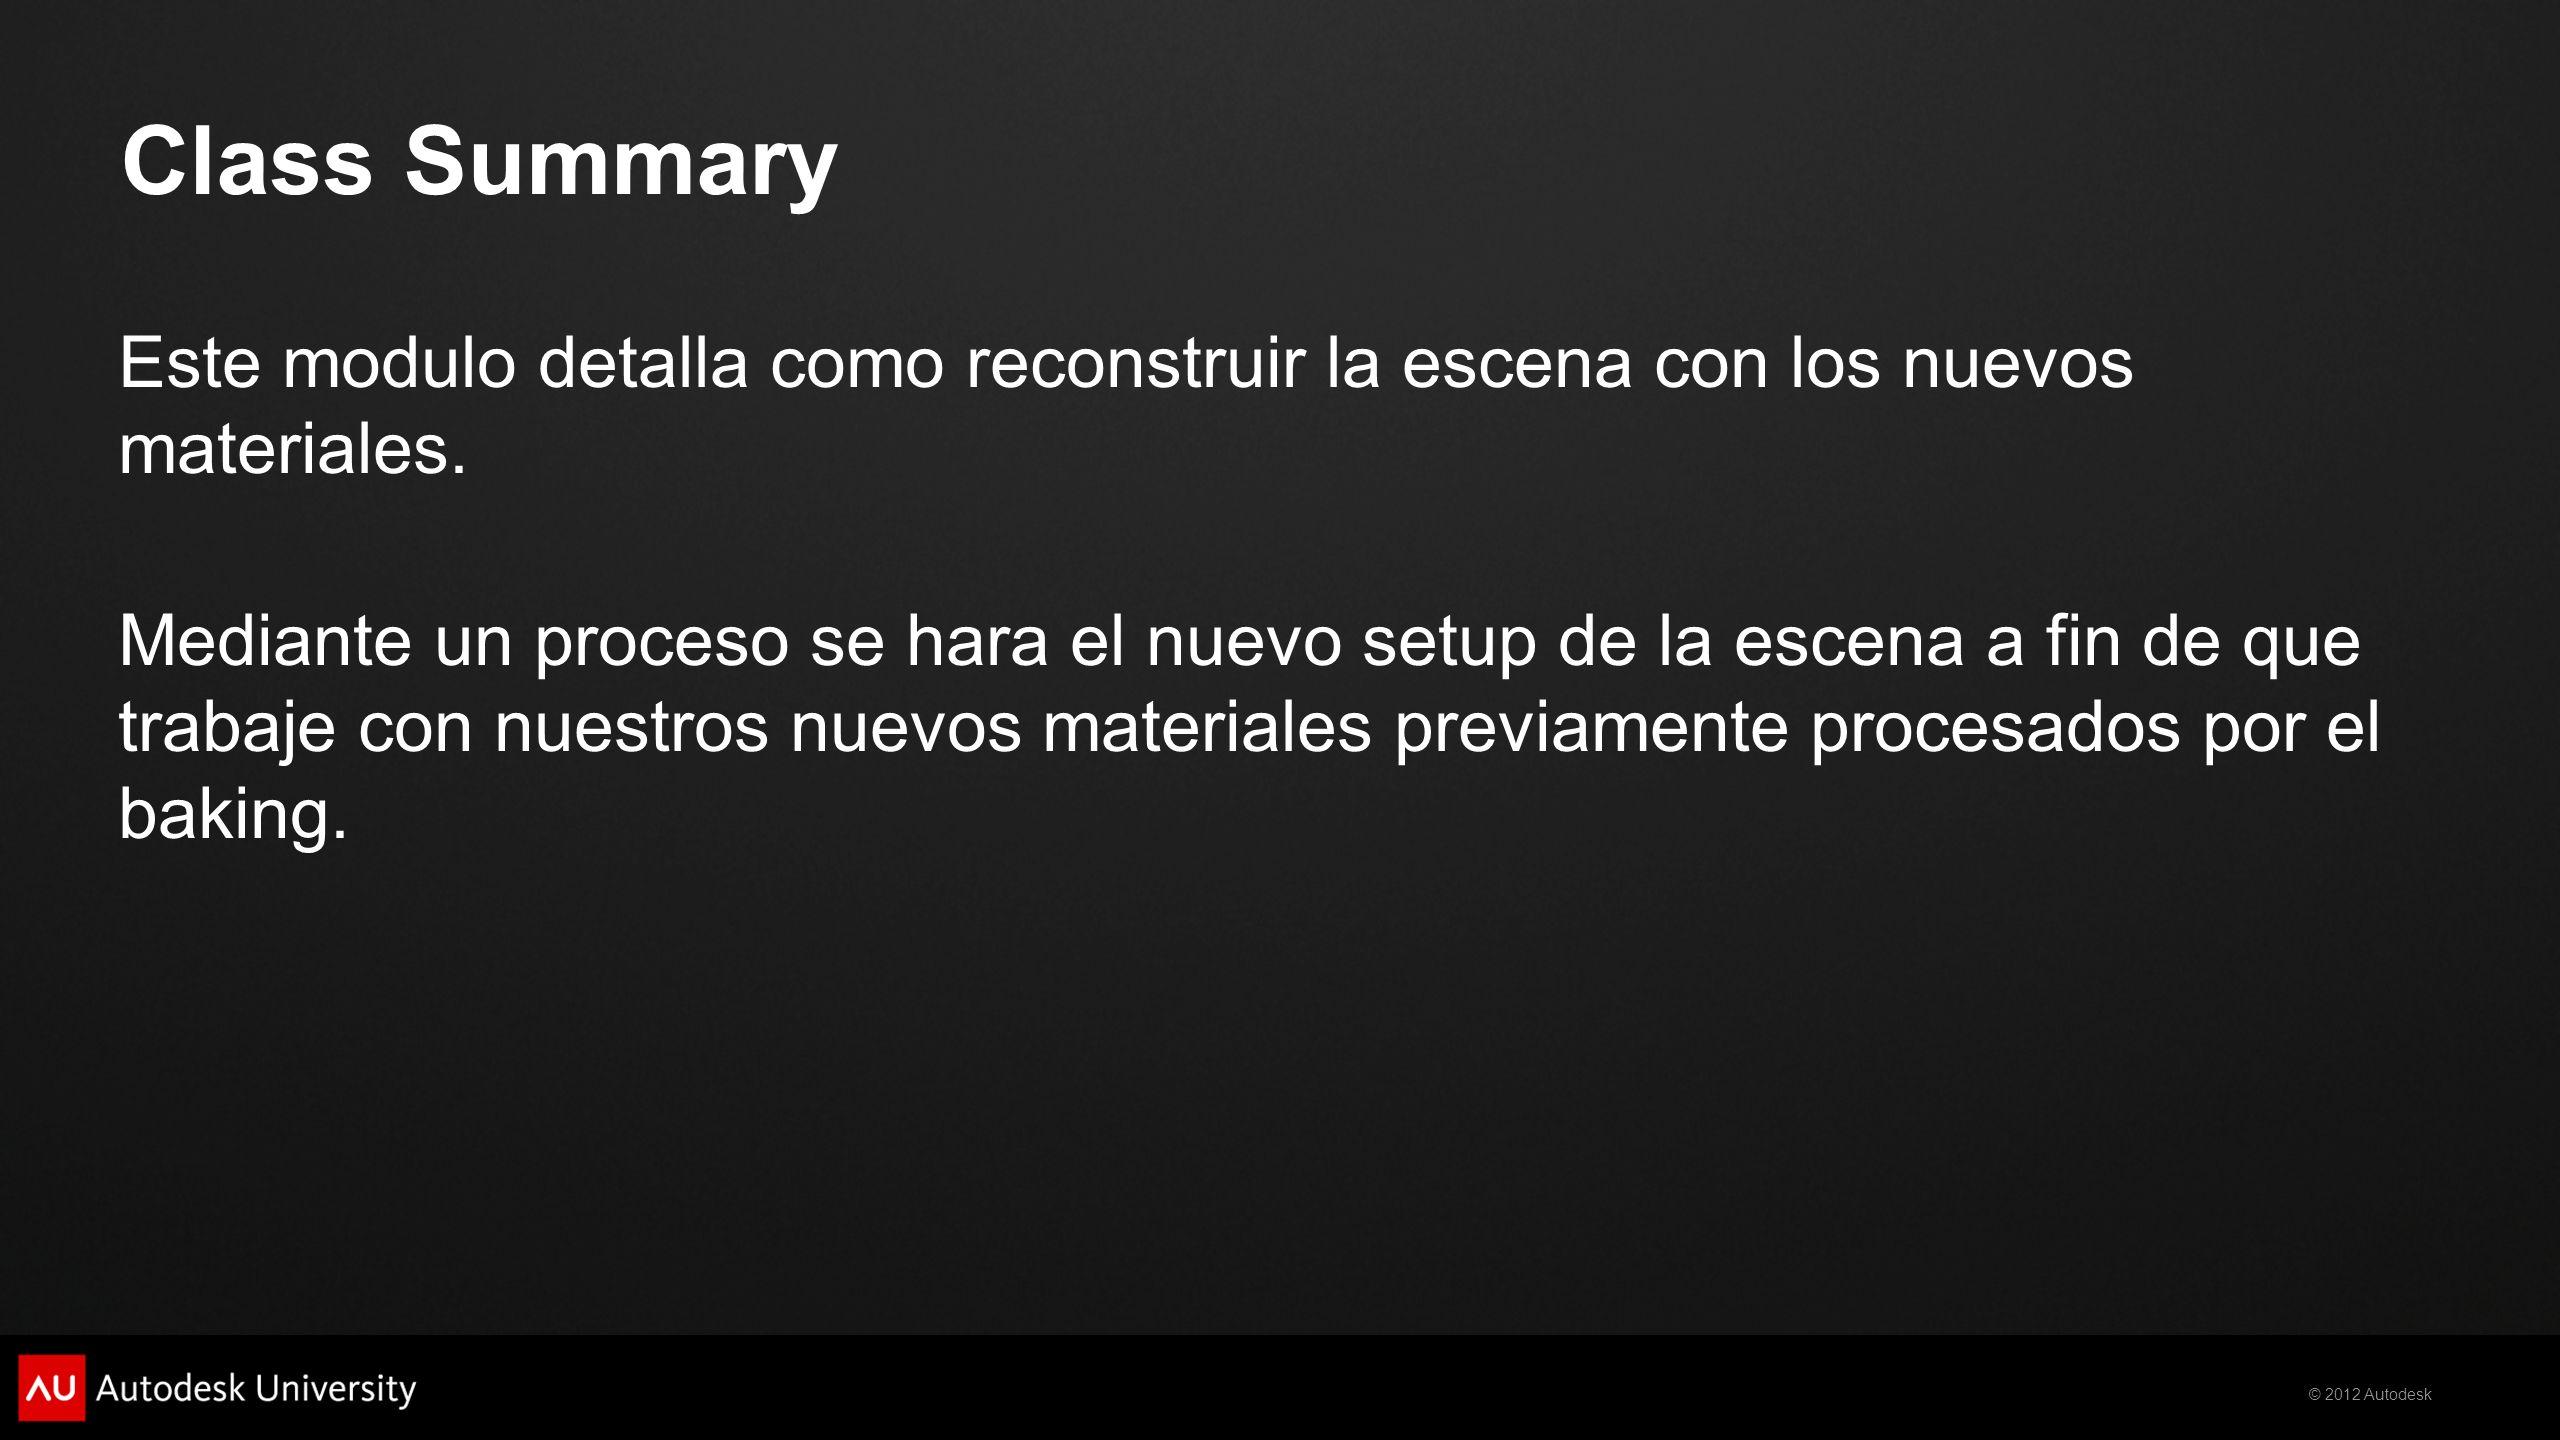 © 2012 Autodesk Class Summary Este modulo detalla como reconstruir la escena con los nuevos materiales. Mediante un proceso se hara el nuevo setup de